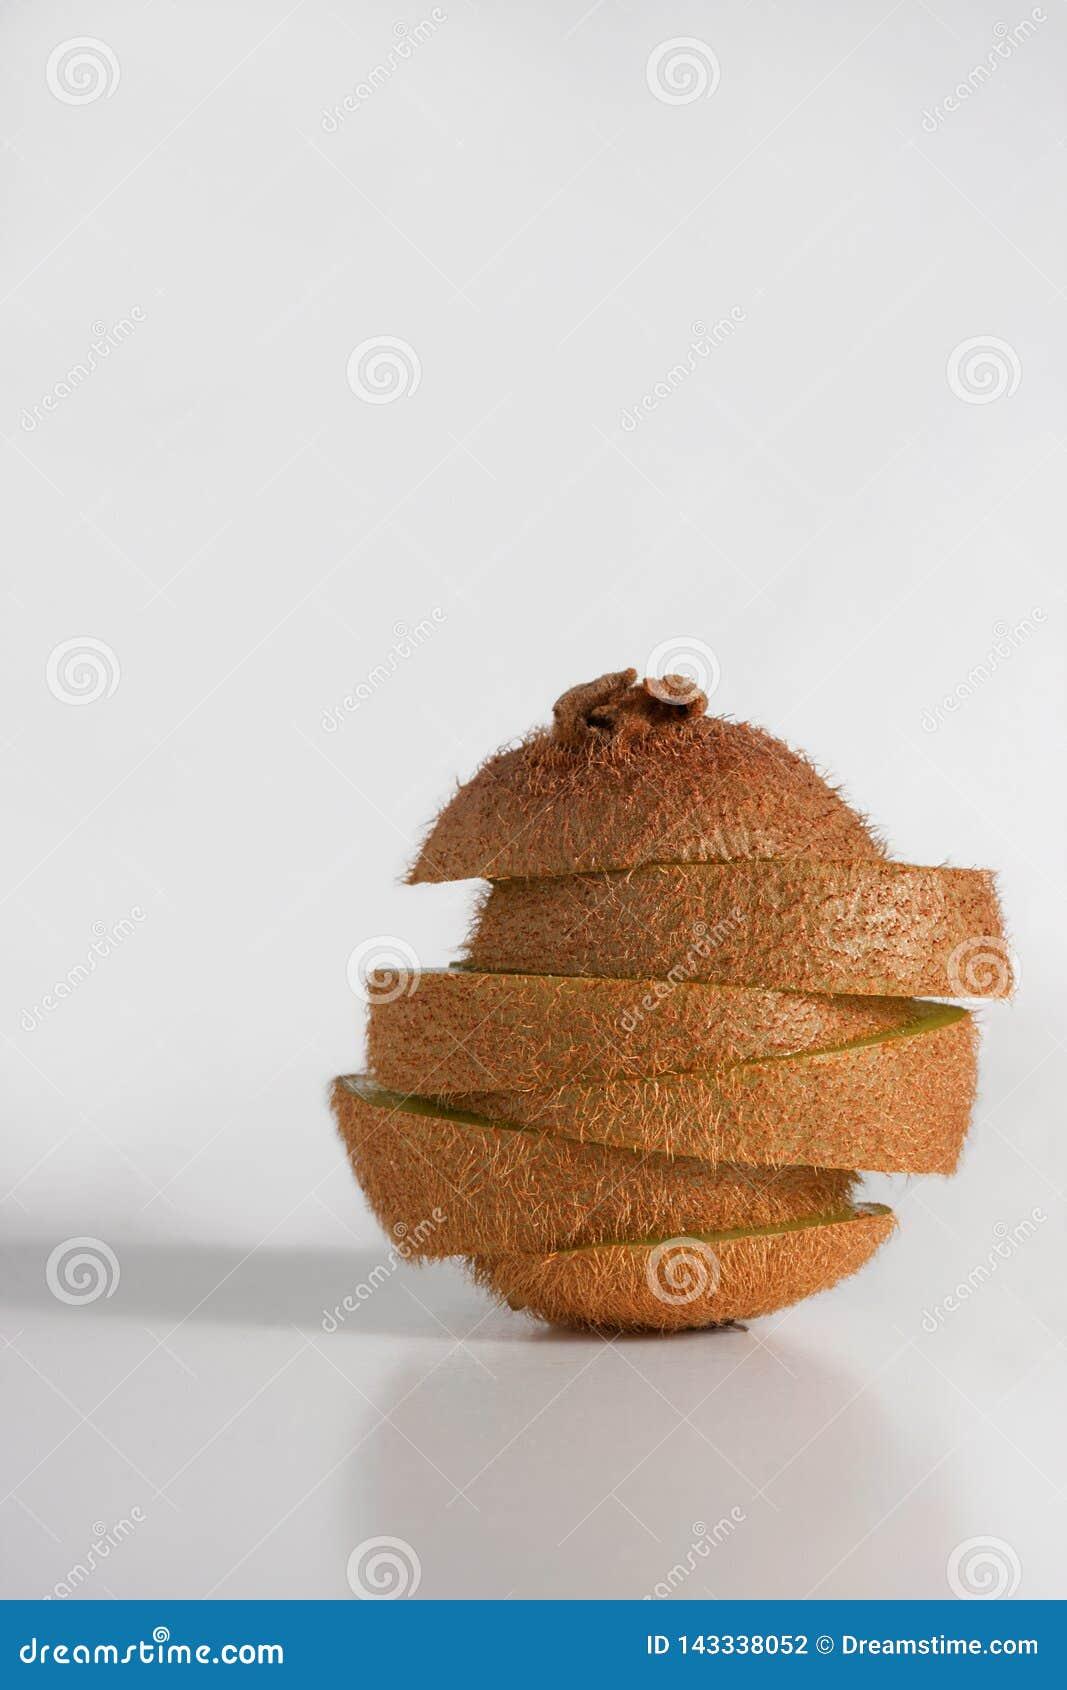 La fruta de kiwi se está deshaciendo